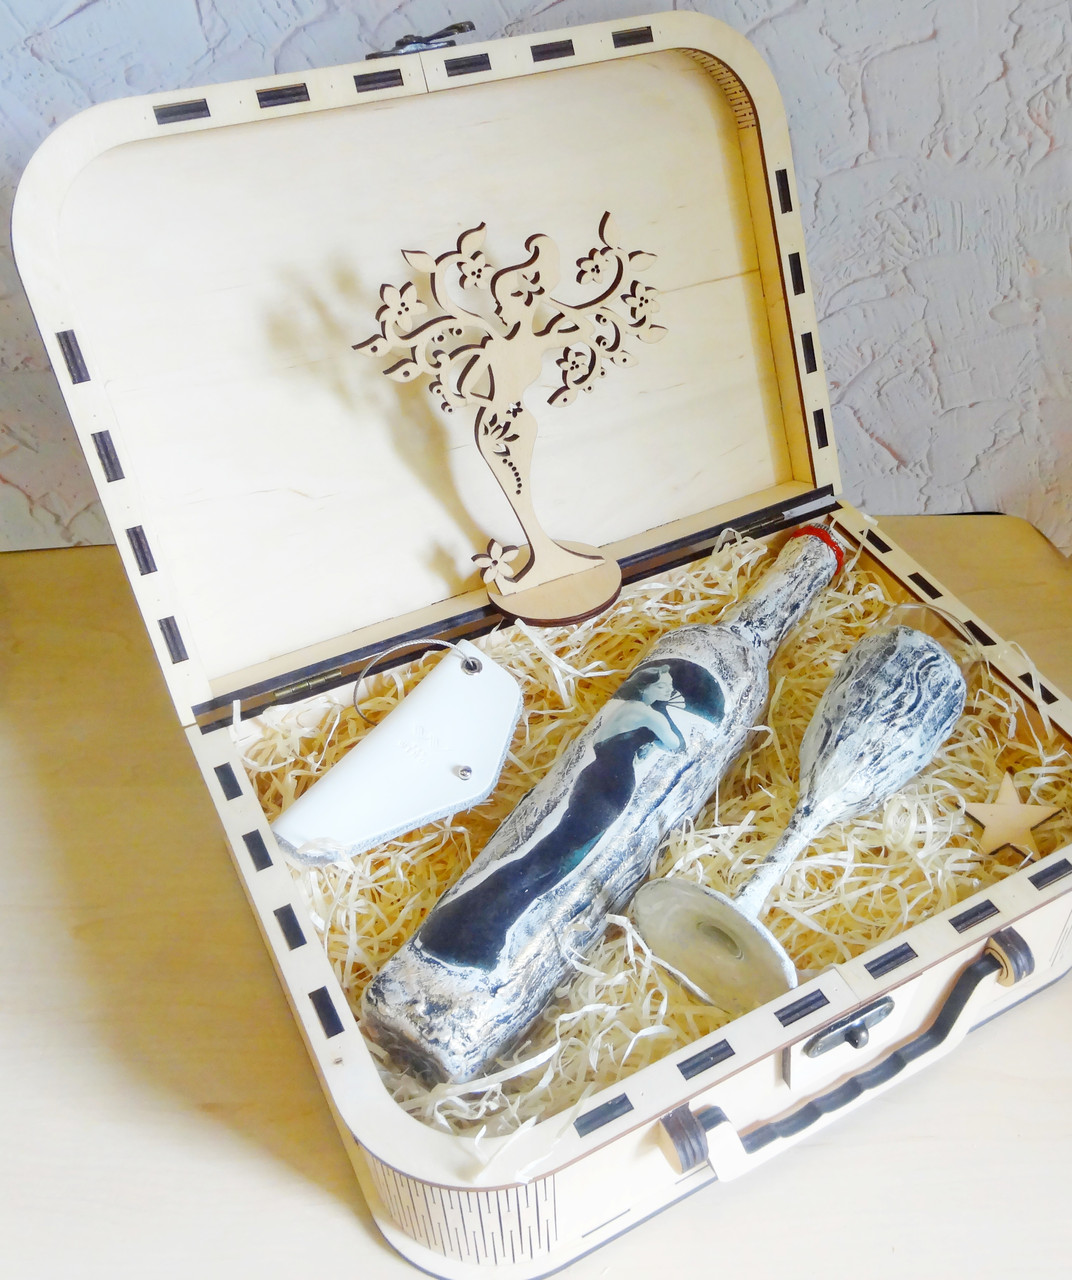 Оригинальный подарок для женщин на 14 февраля - набор Ретро   Ukrainian Gift Box